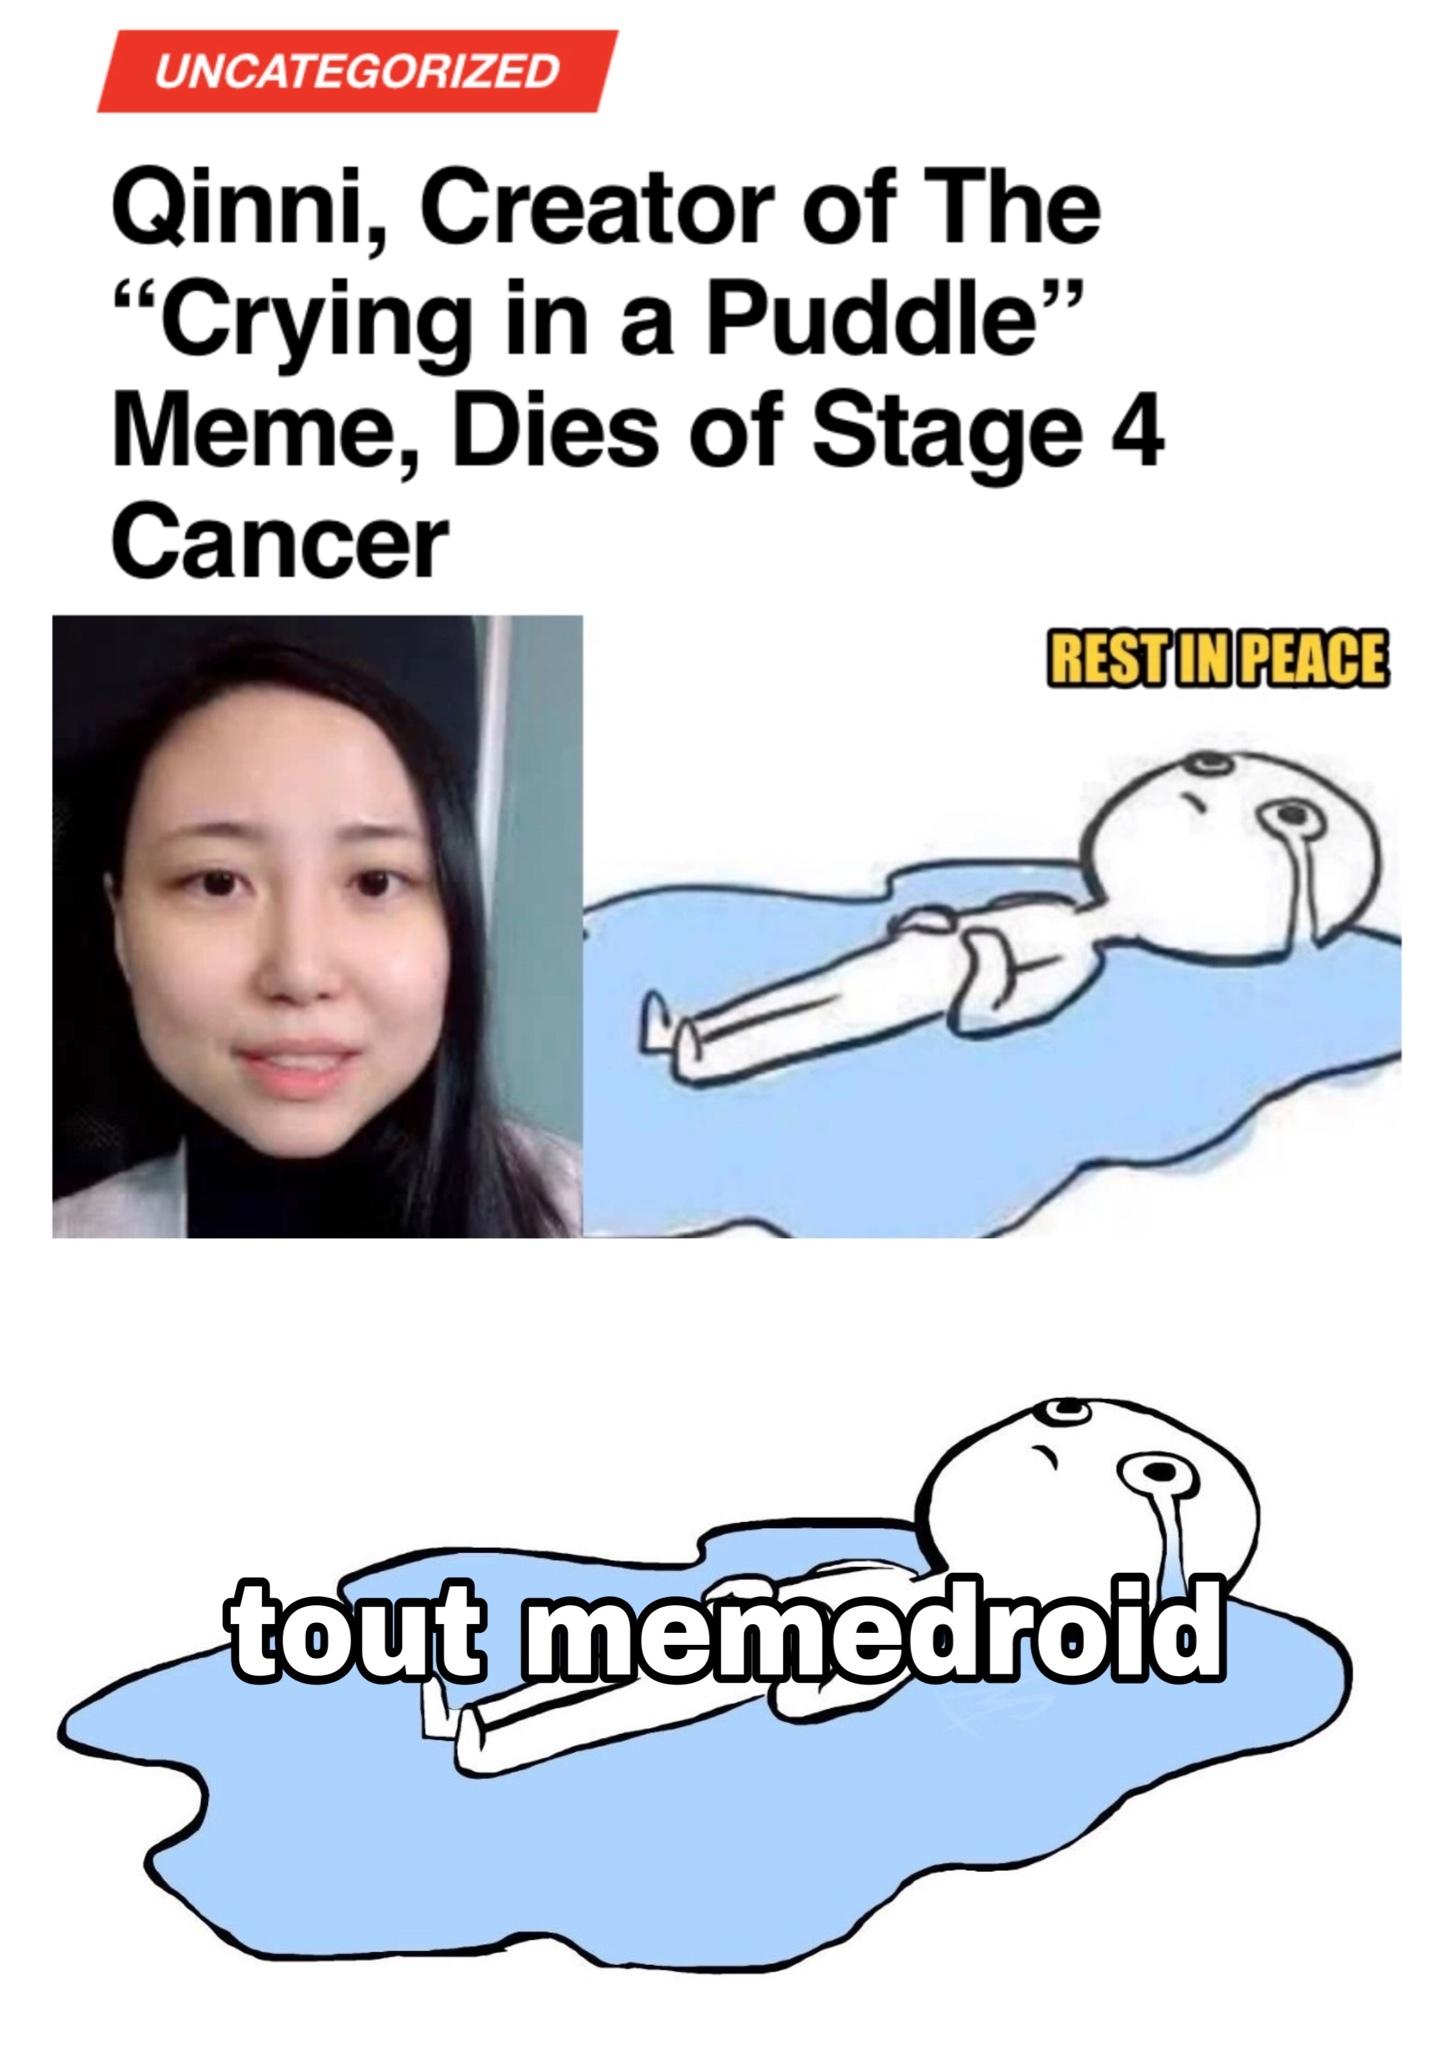 """La creatrice du meme """"Crying in a puddle"""" meurt d'un cancer en phase terminale à l'age de 29 ans."""